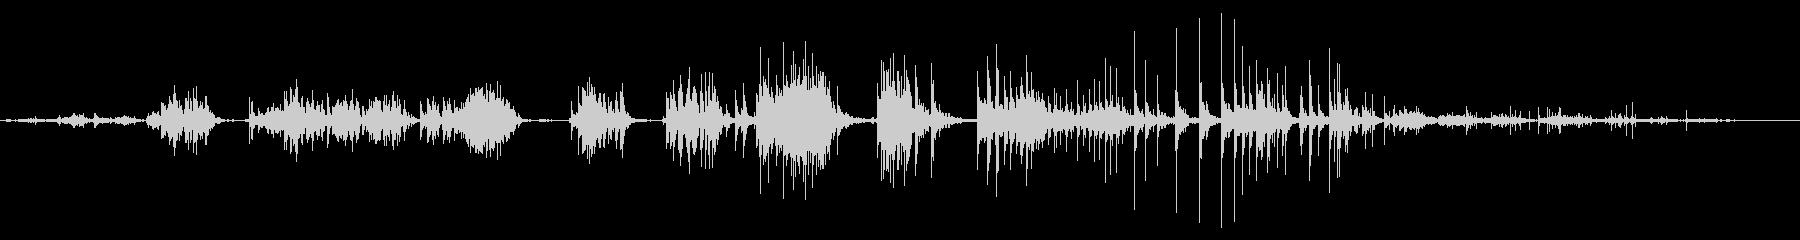 厚紙:低速摩擦摩擦きしみ音またはベンドの未再生の波形